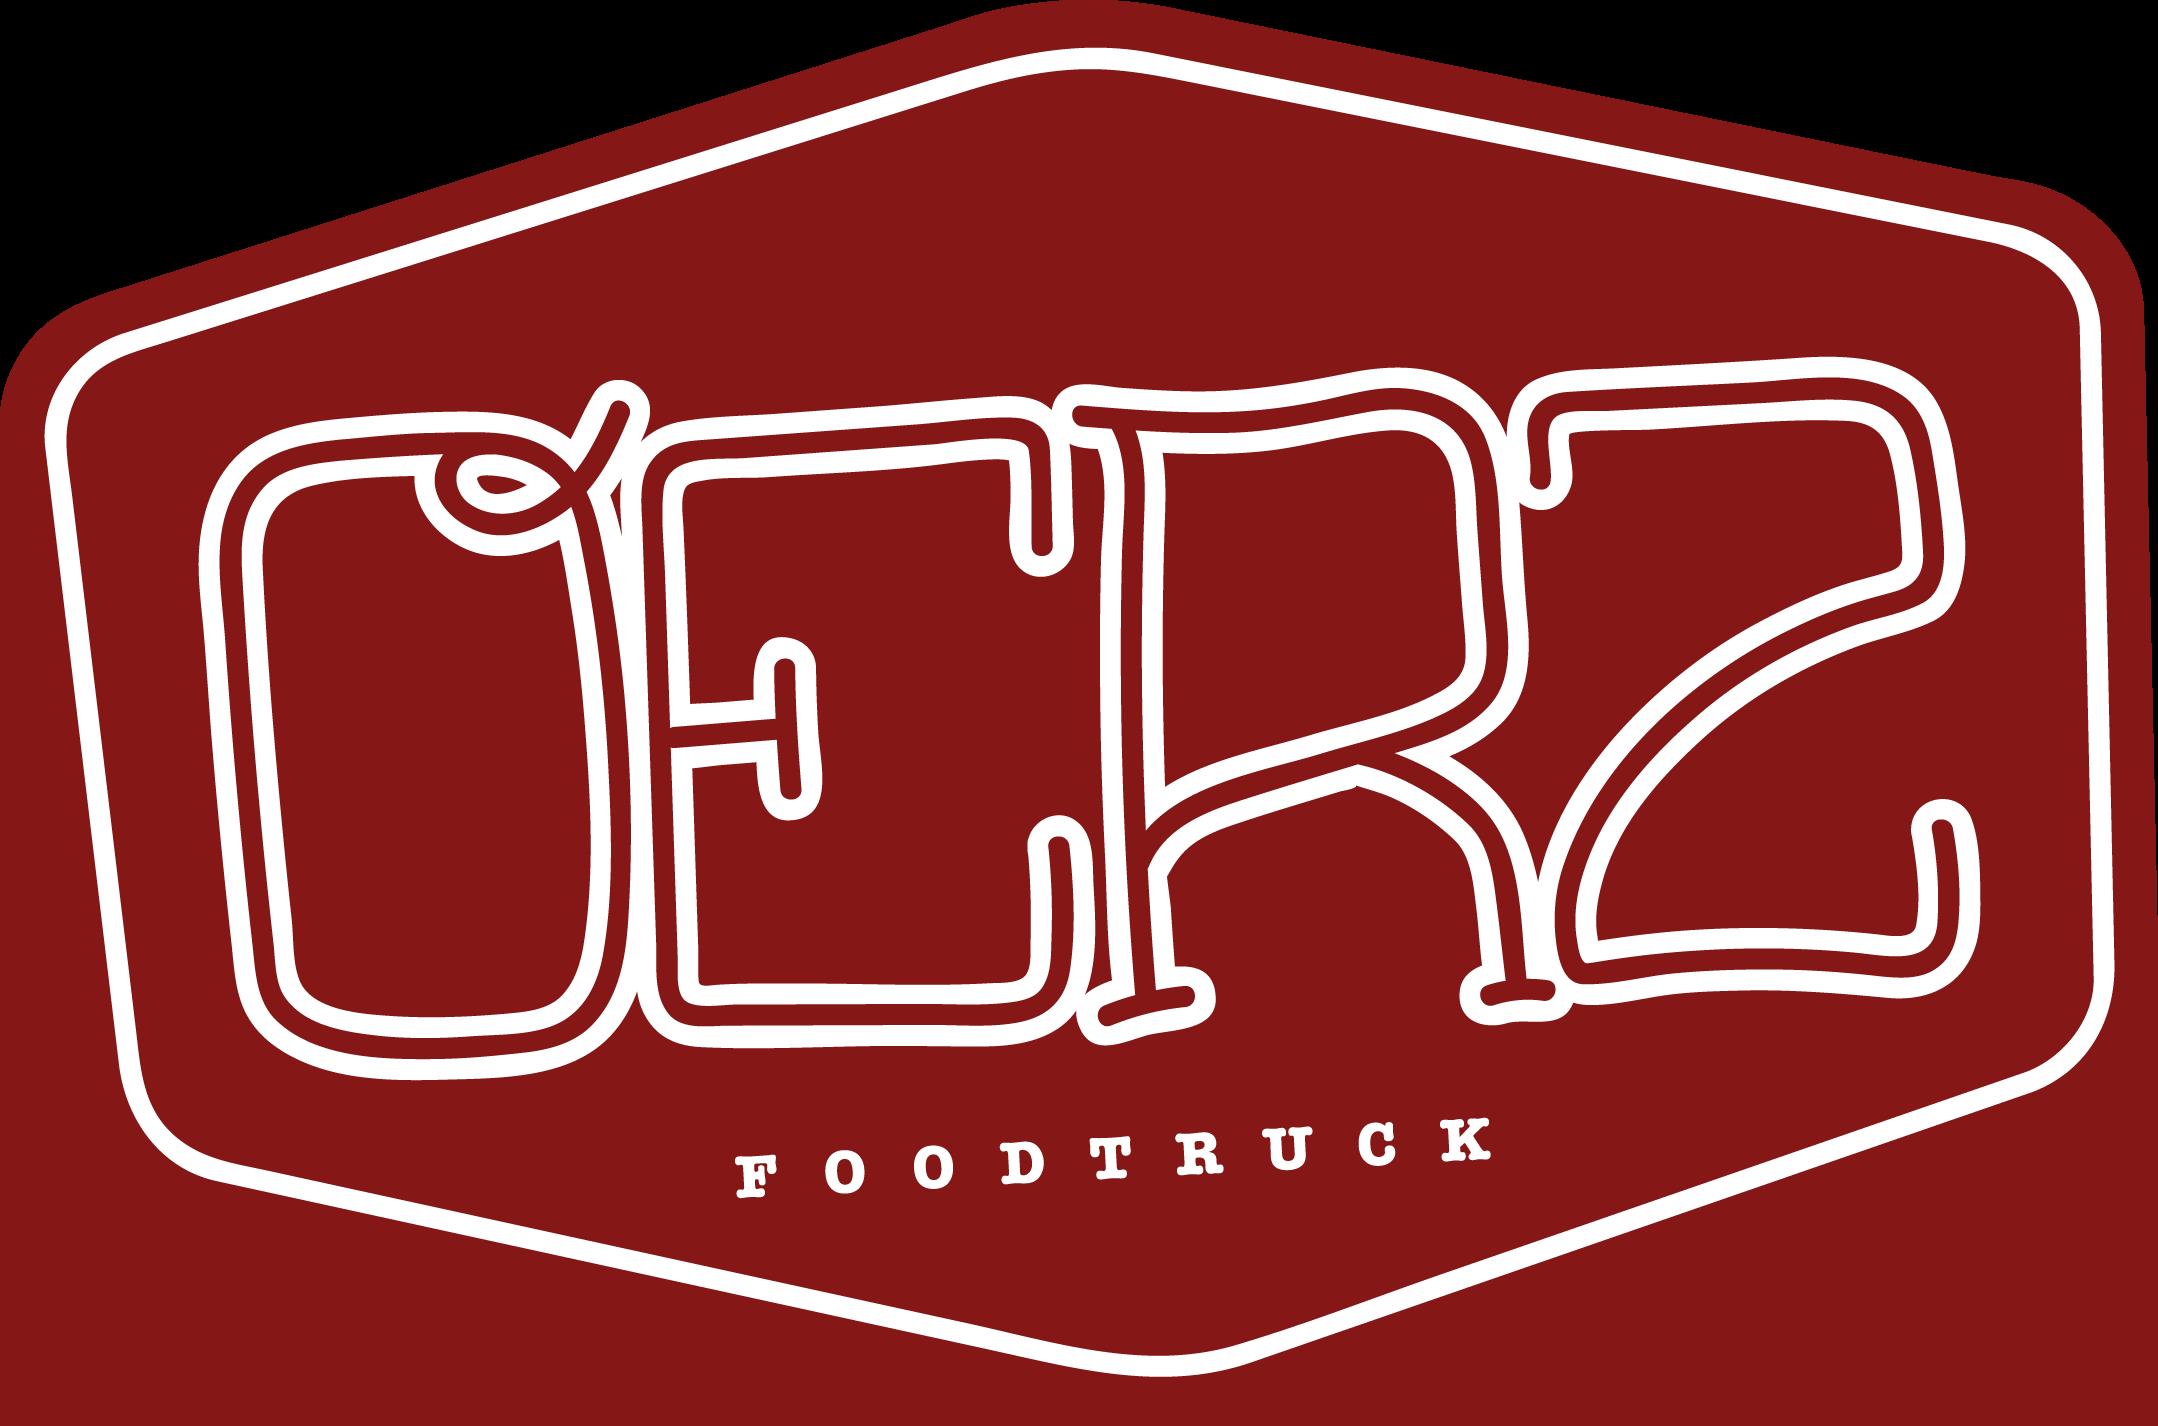 logo-oerz